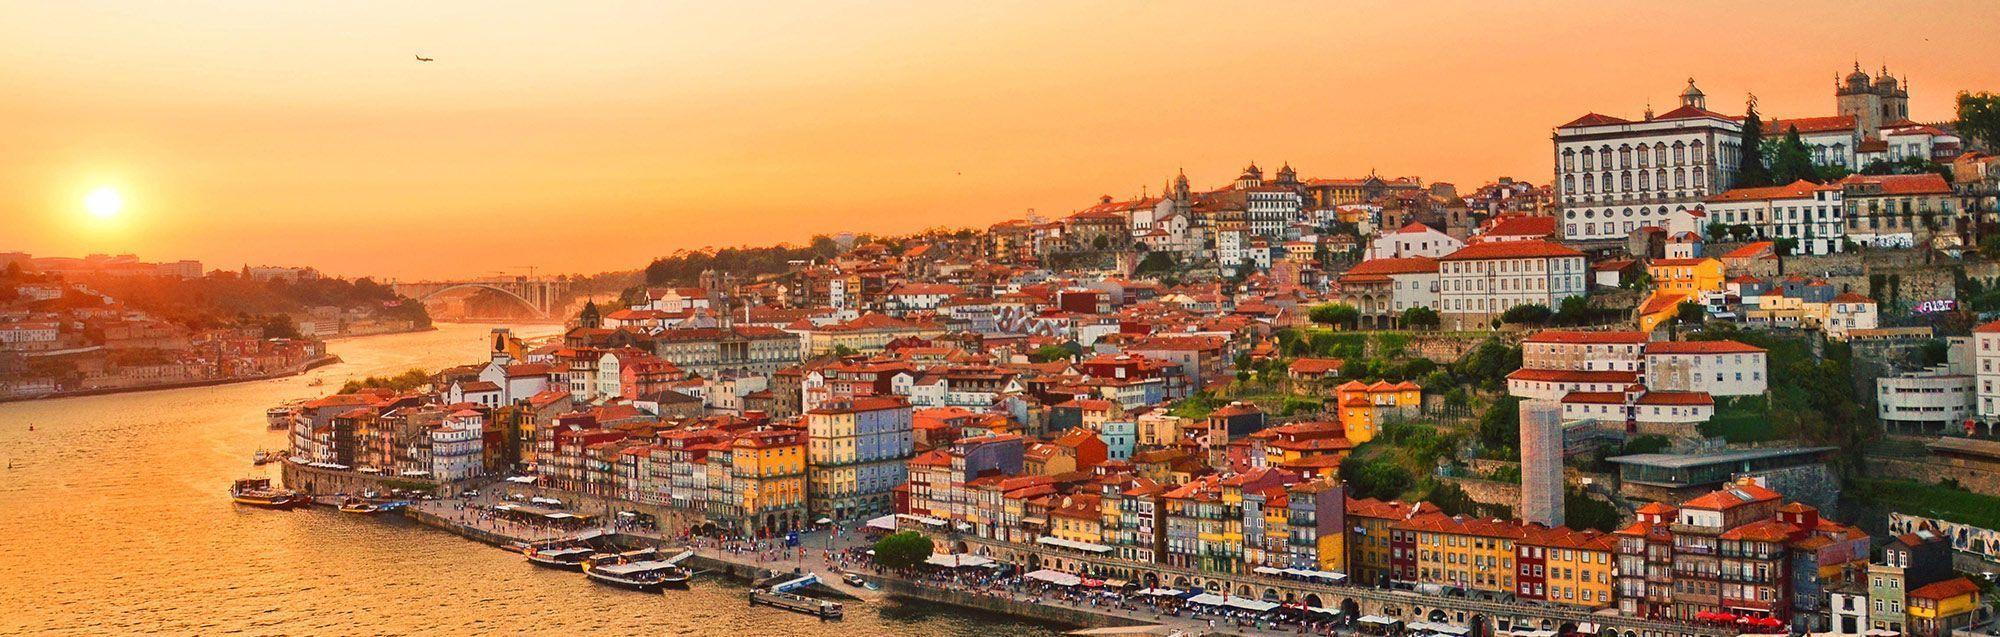 Lisboa - Em breve